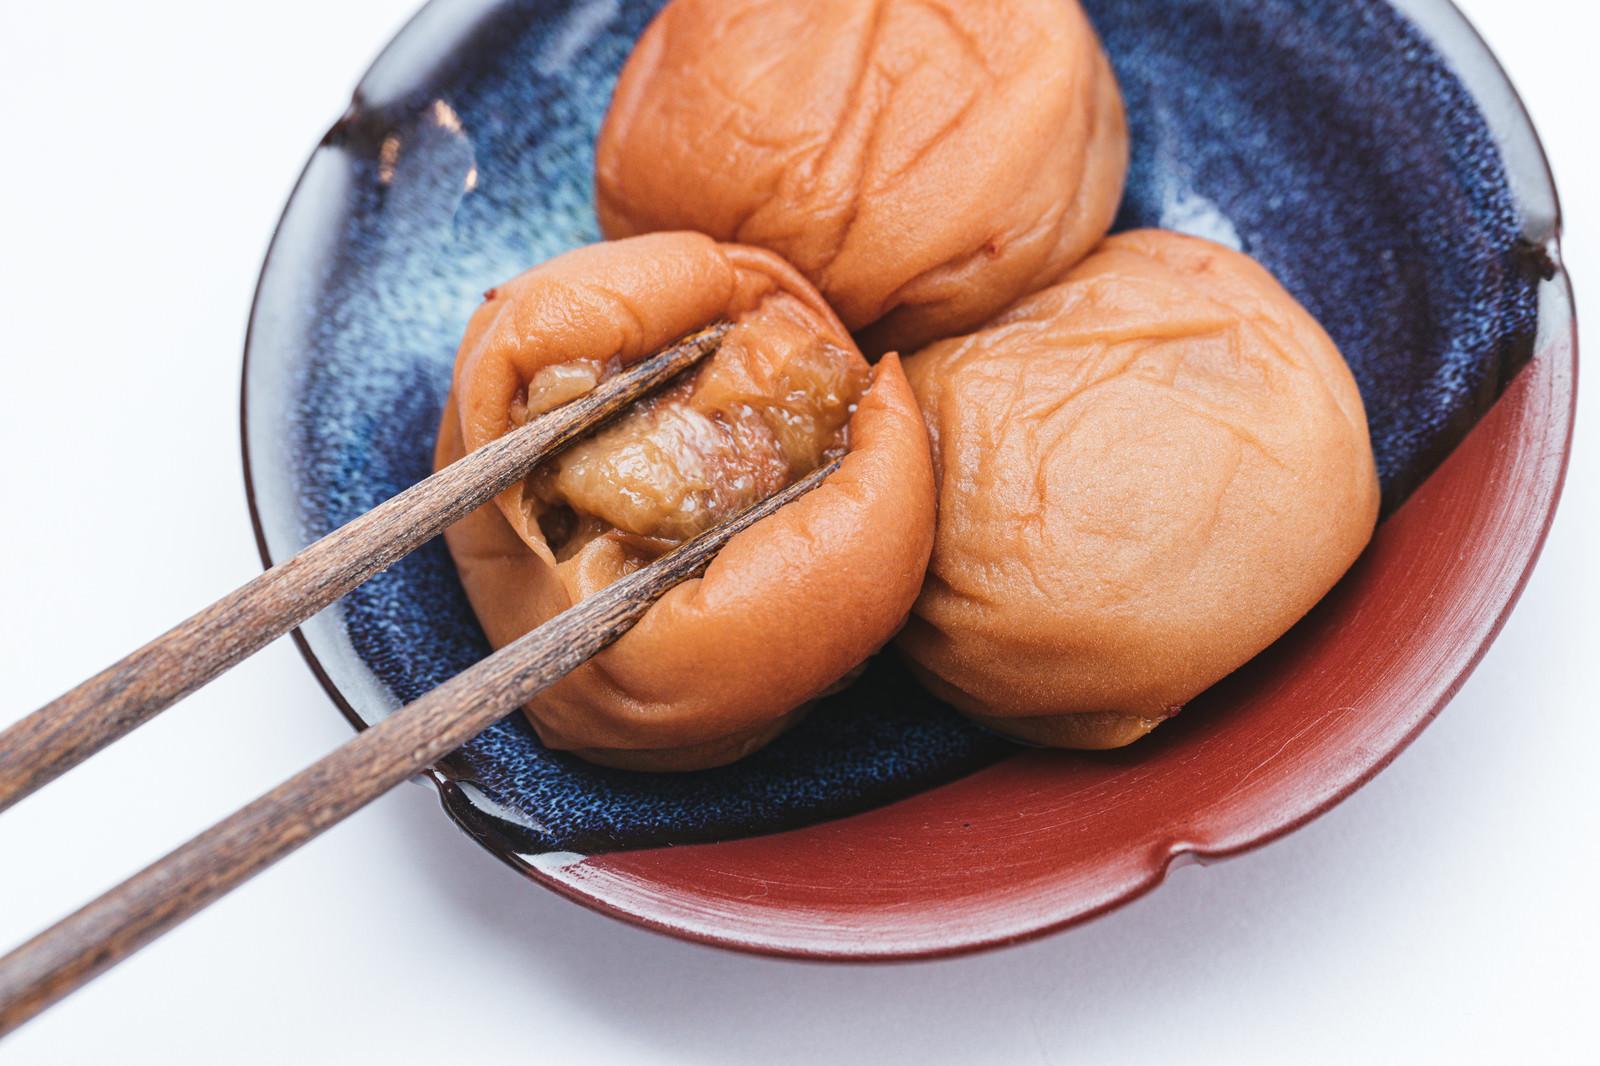 「箸で梅干しの皮を開く」の写真